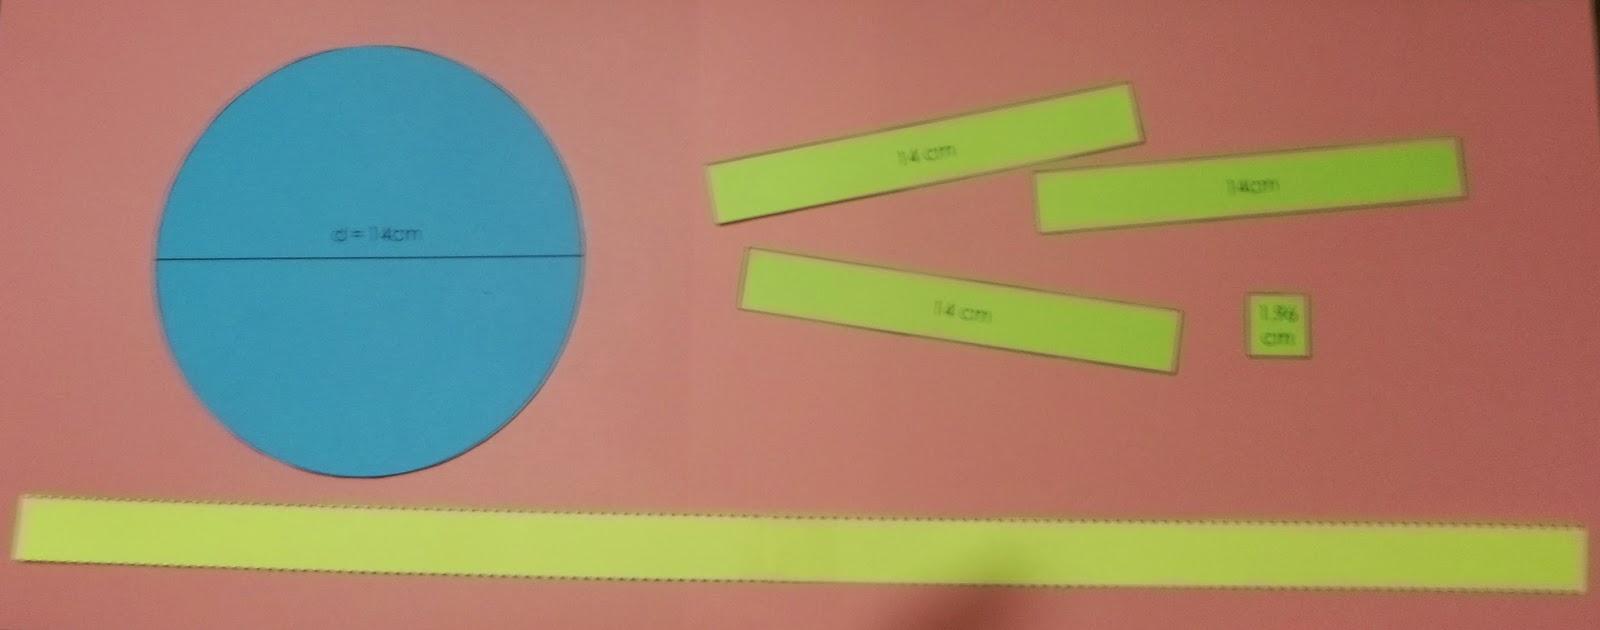 Proving Circumference